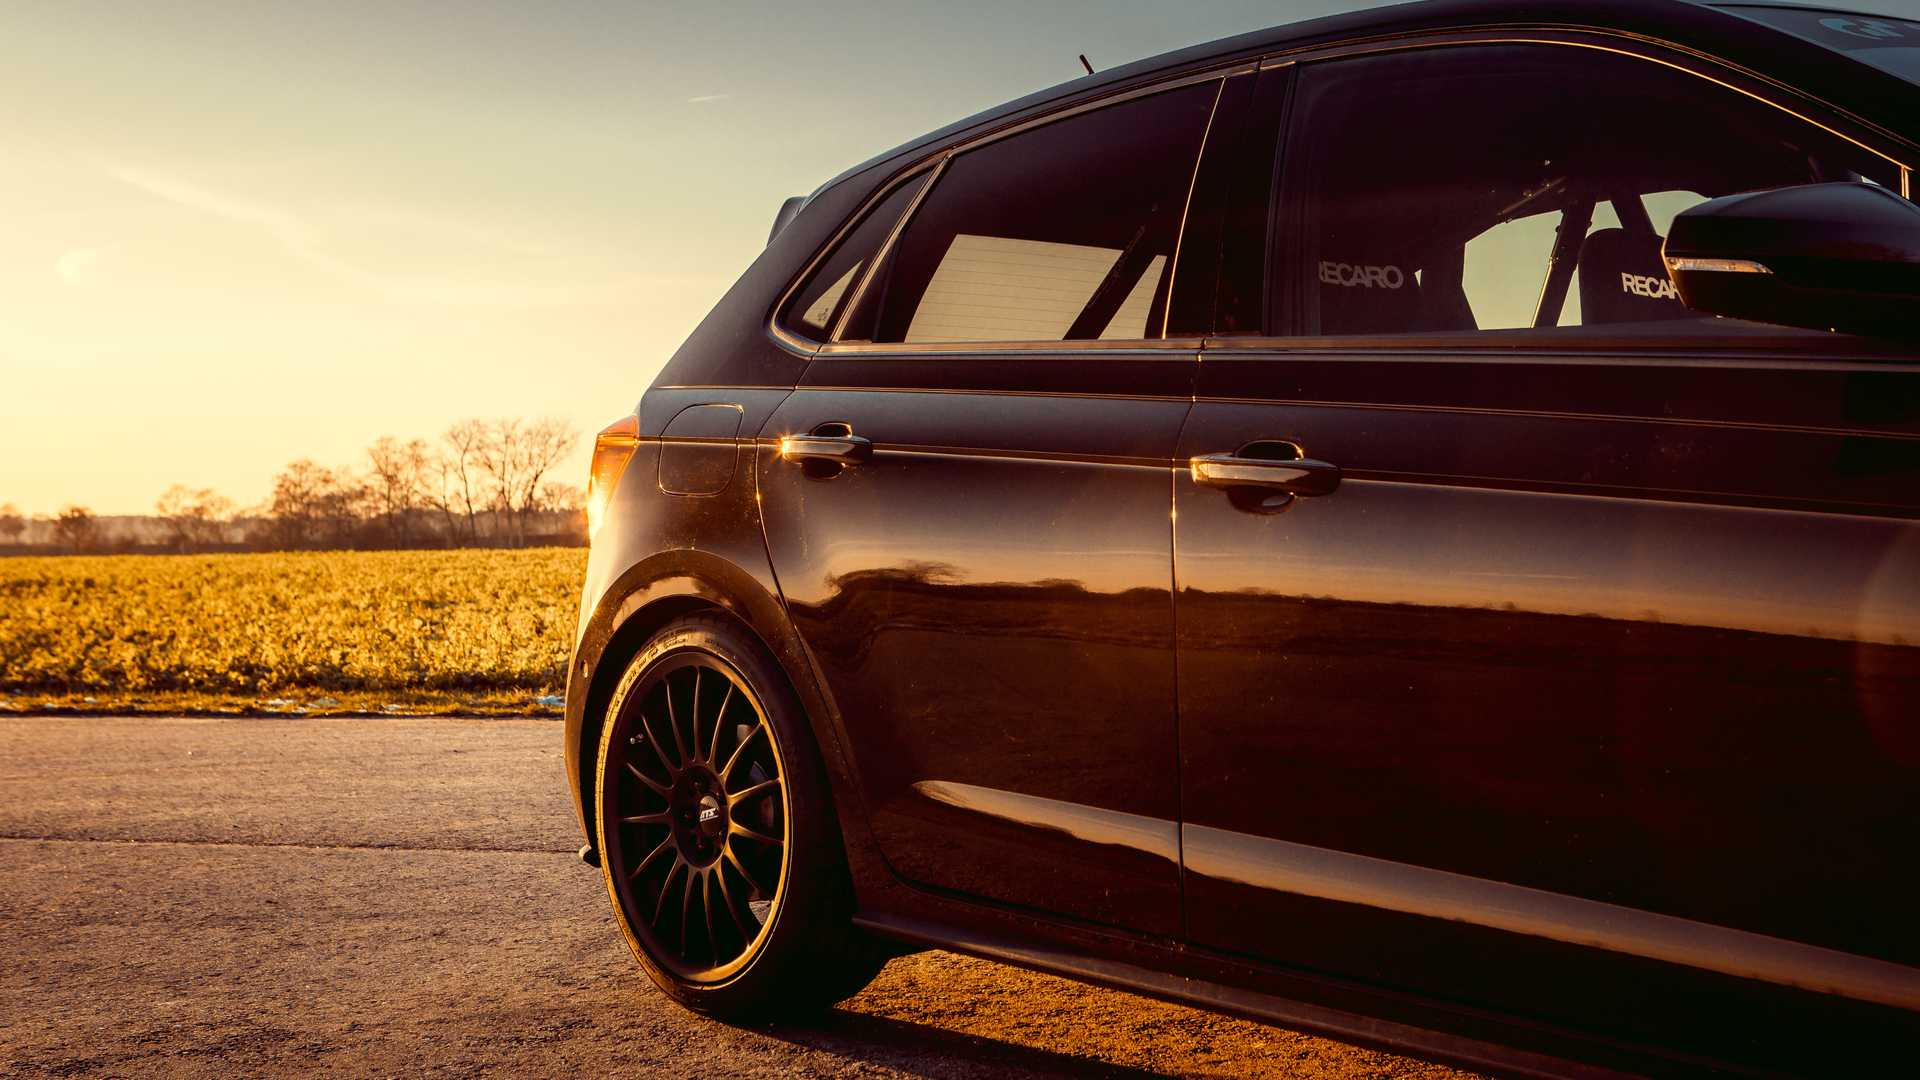 Volkswagen-Polo-GTI-by-Siemoneit-Racing-6